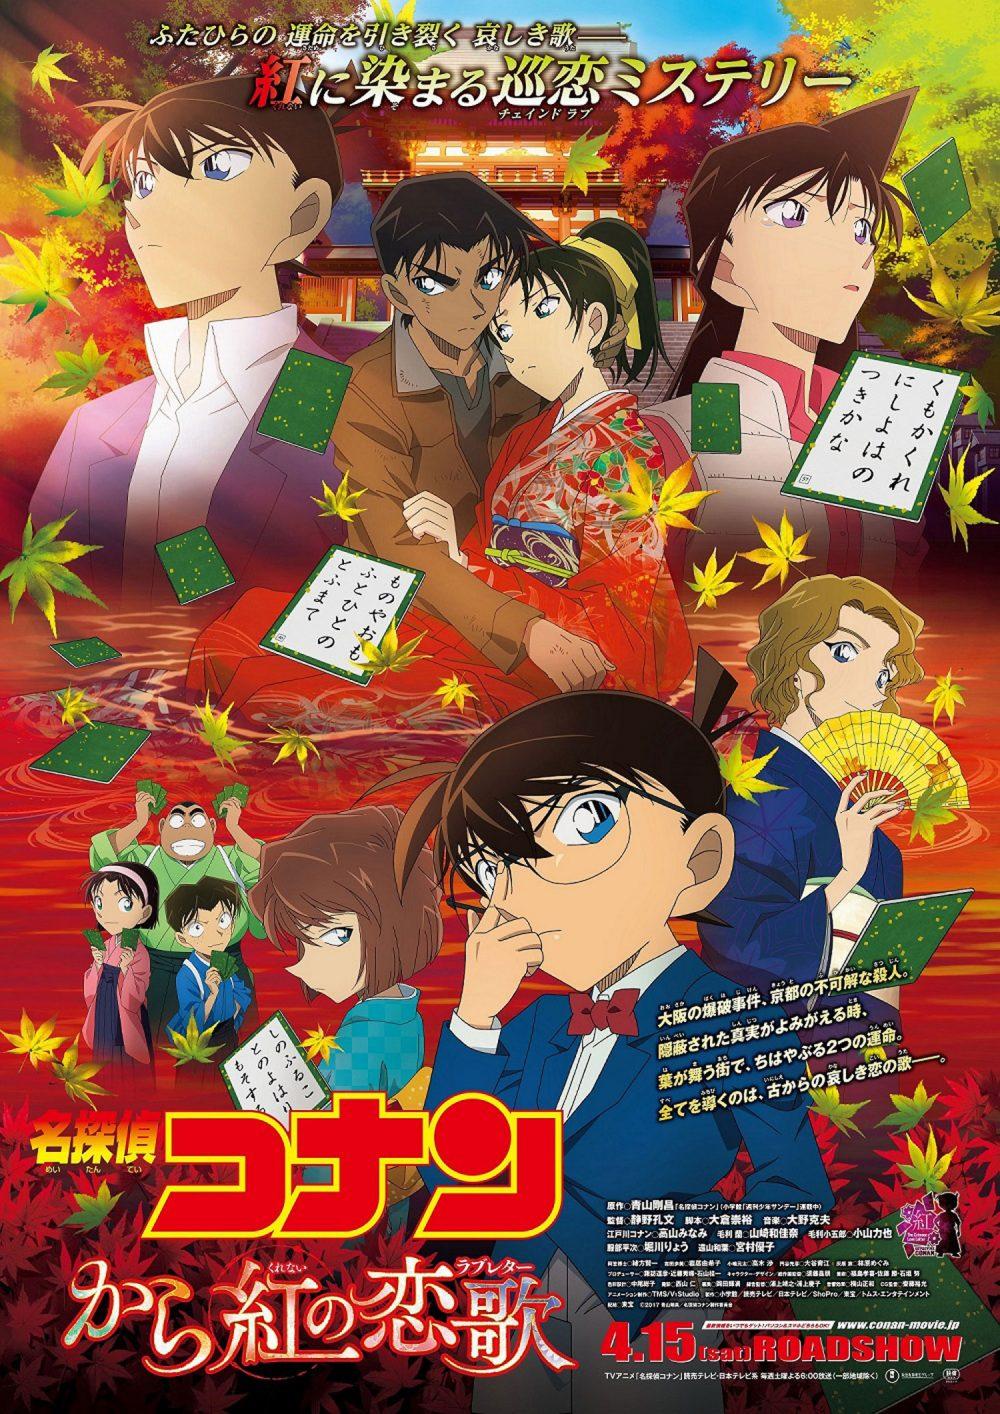 Detective Conan: Kara kurenai no love letter